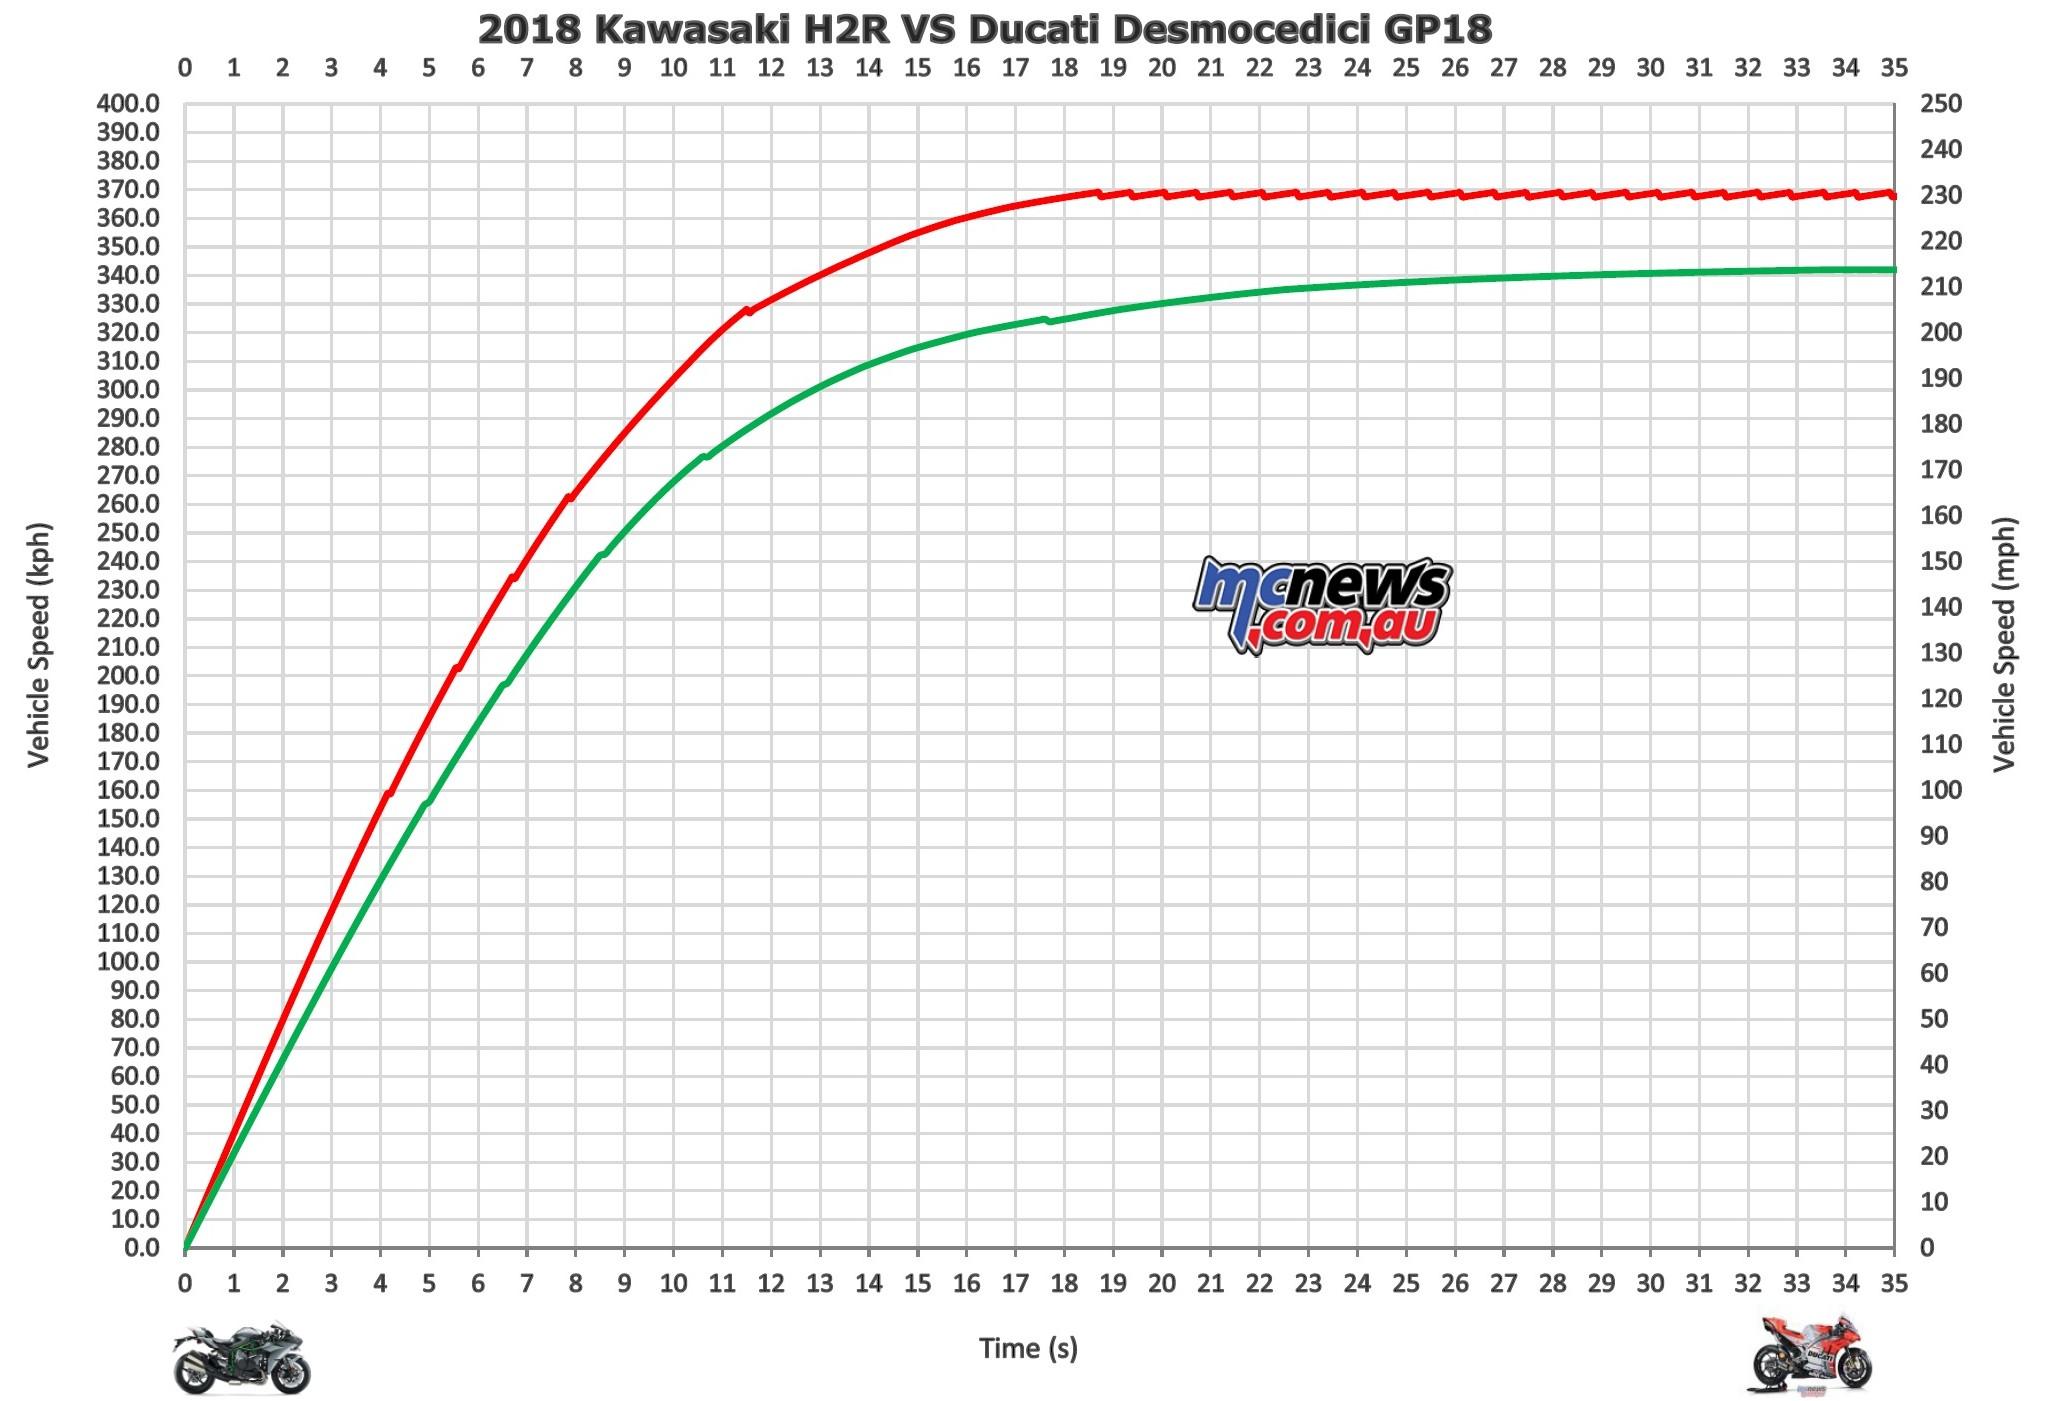 Kawasaki HR vs Ducati Desmocedici GP